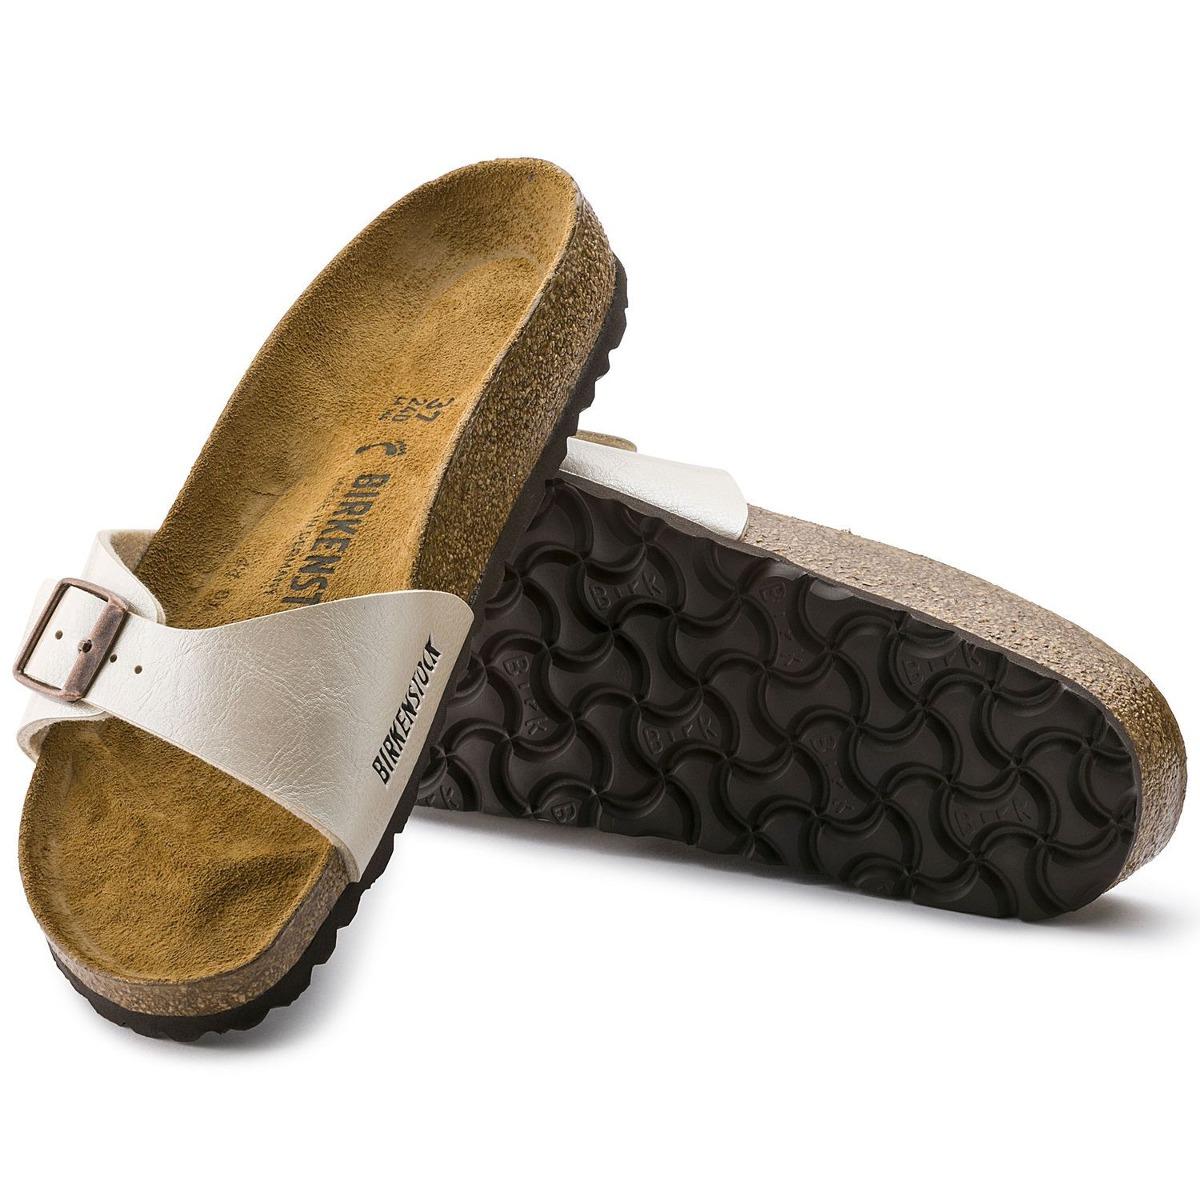 042d09432 birkenstock sandália madrid couro birko-flor narrow pérola. Carregando zoom.